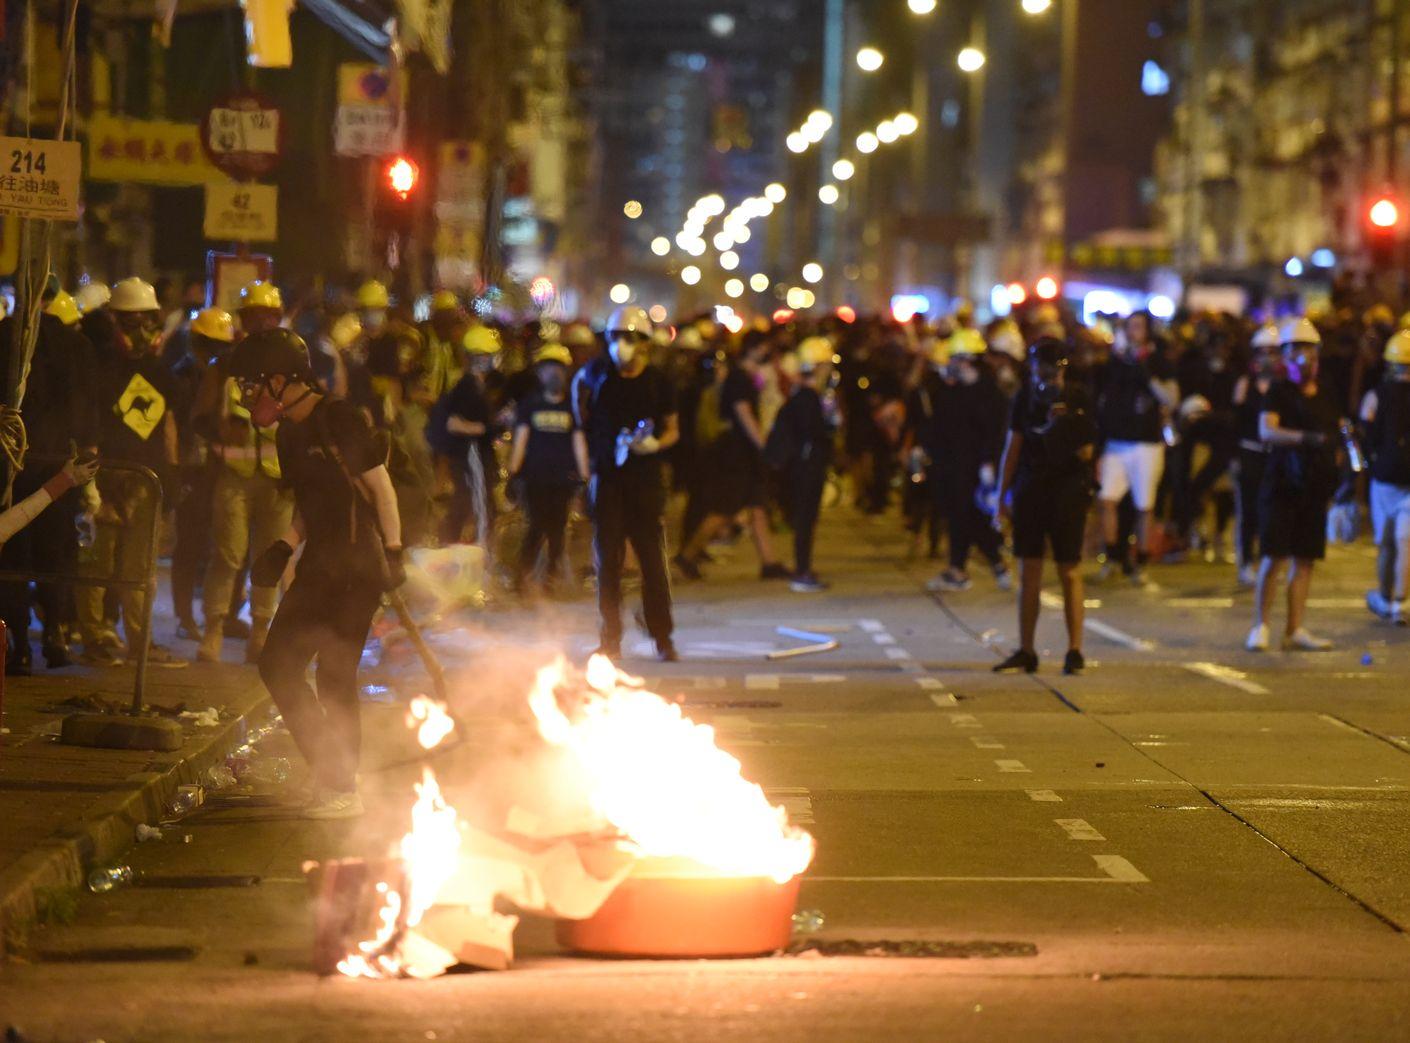 國台辦斥民進黨當局和「台獨」勢力插手香港事務。資料圖片